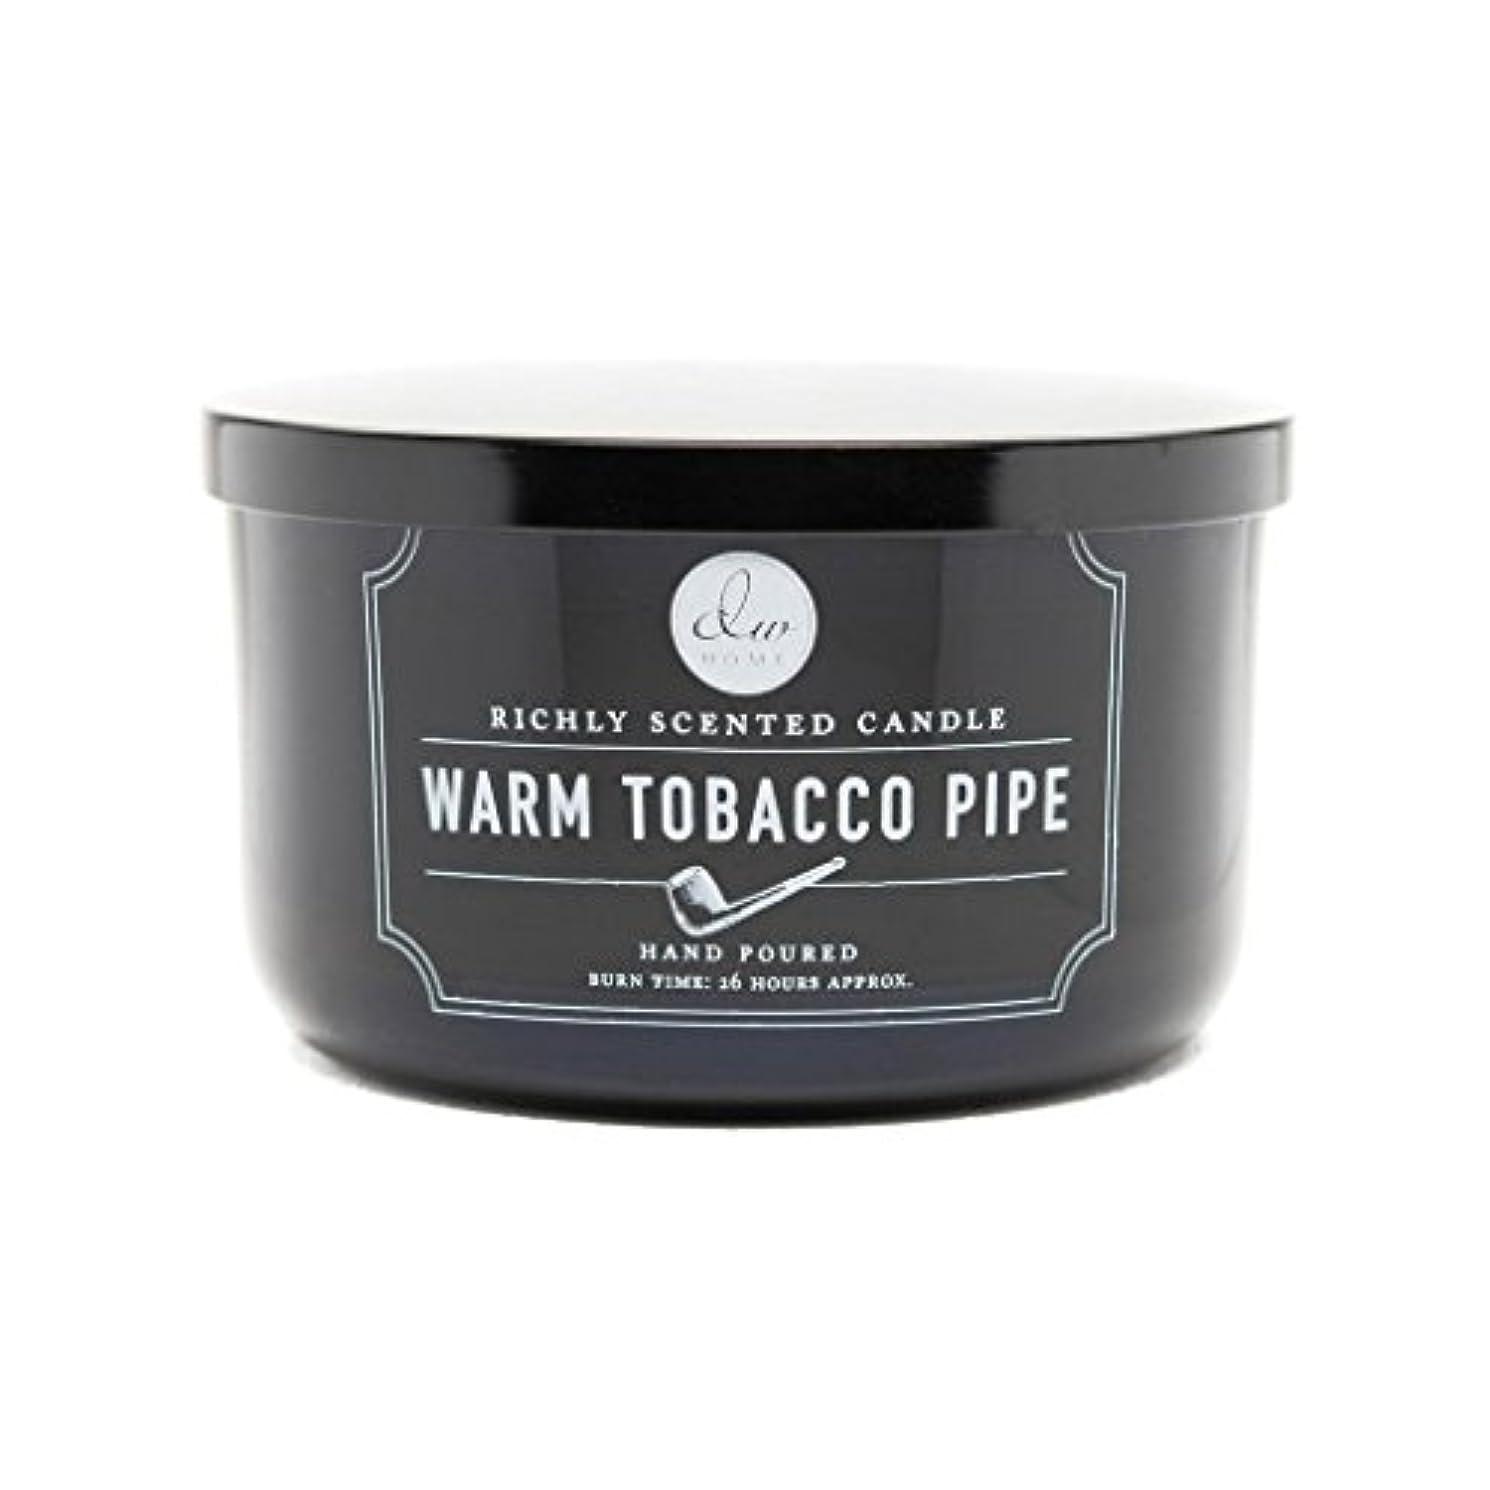 排気不当遠近法Decoware Richly Scented Warm Tobacco Pipe 3-Wick Candle 13.8 Oz. In Glass by Decoware